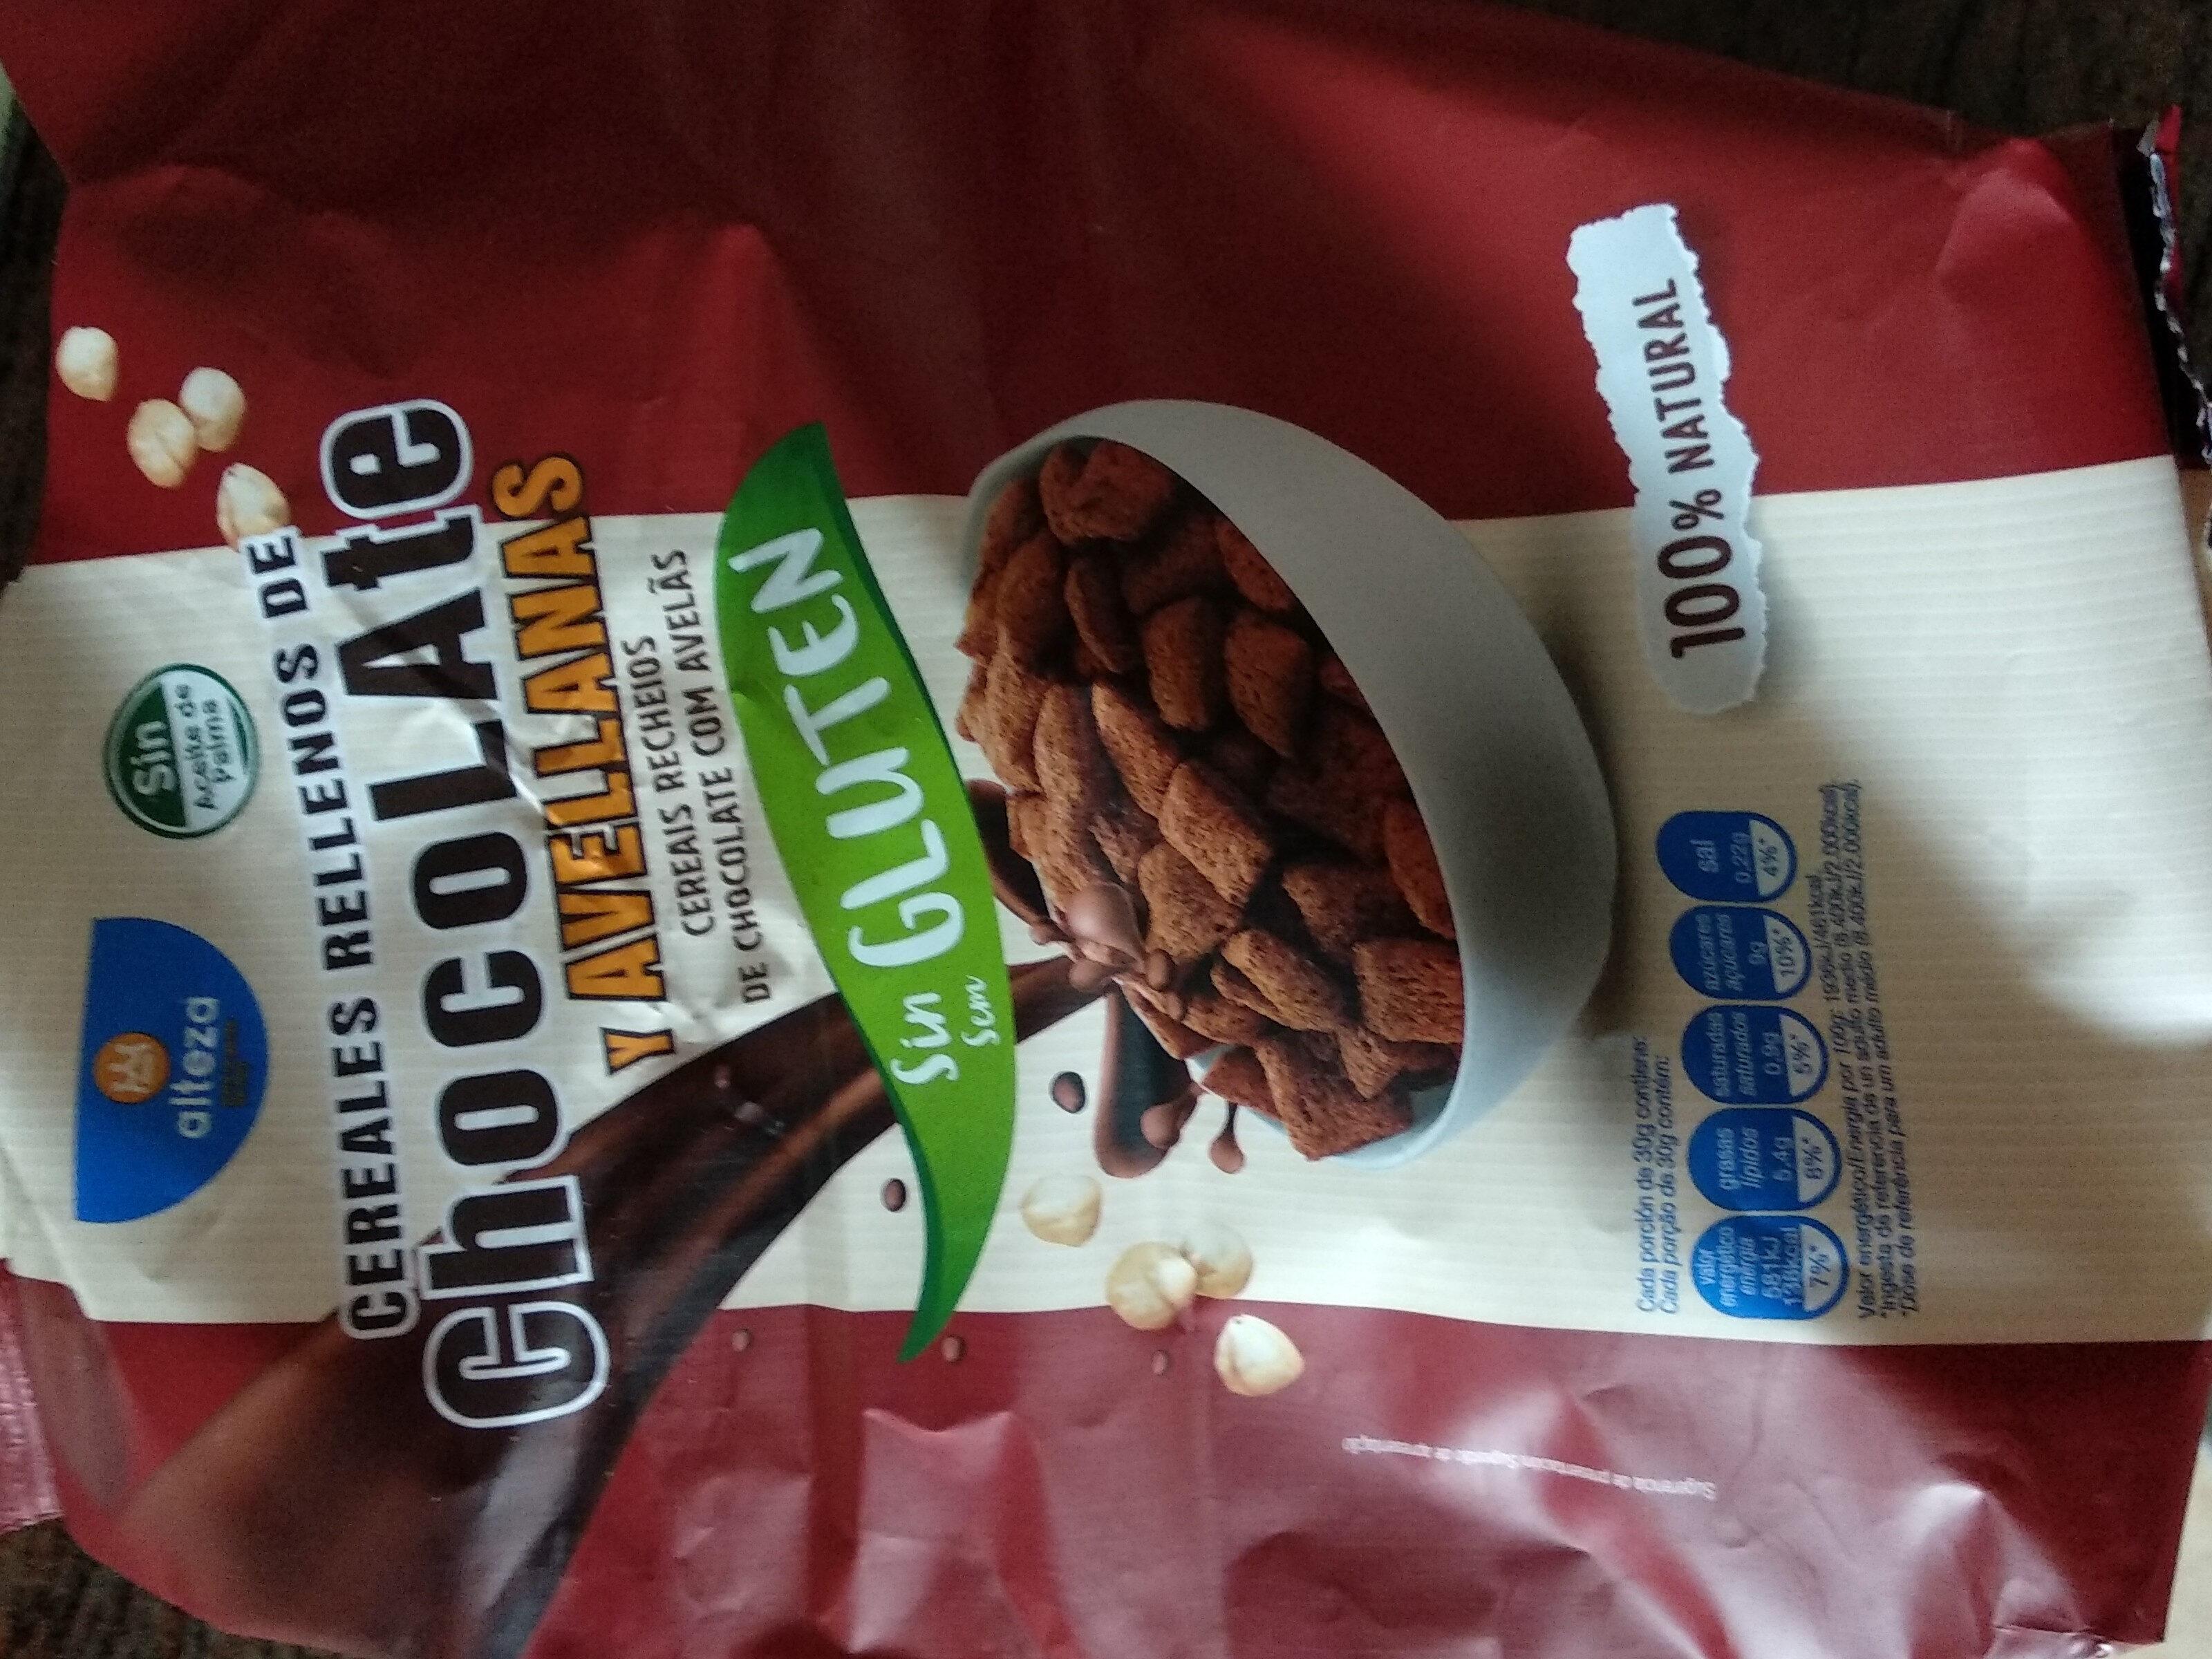 Cereales rellenos de chocolate y avellanas - Producto